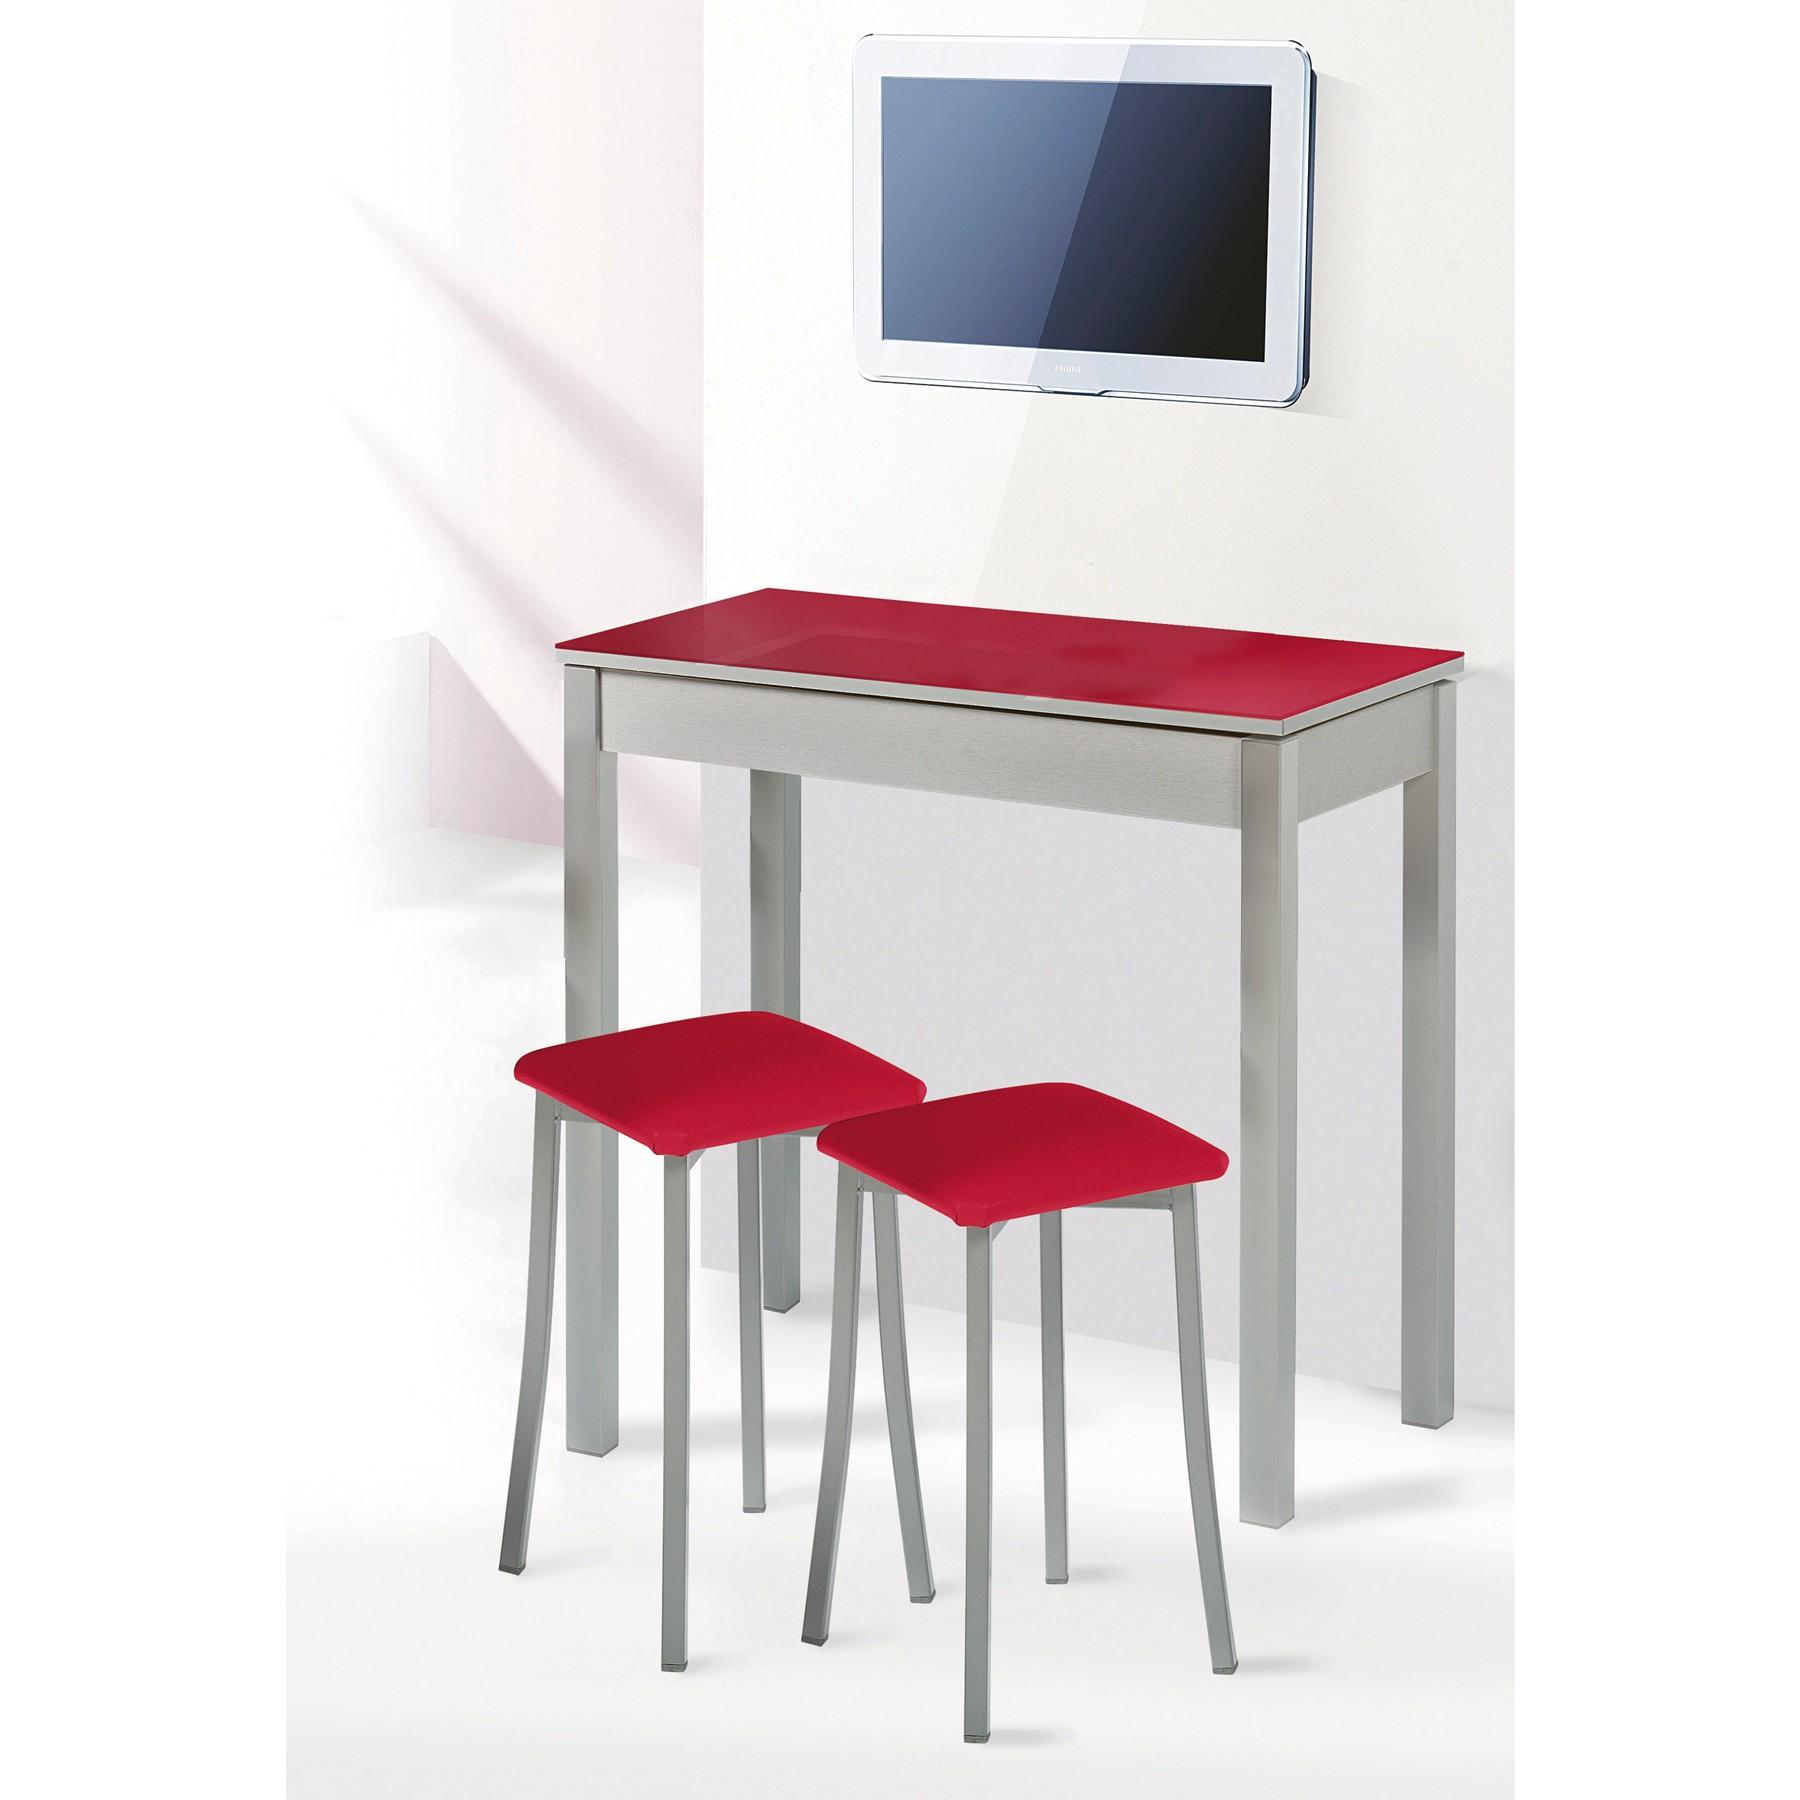 Mesa de cocina fija y taburetes modelo liborno espacios - Mesa y sillas para cocina ...